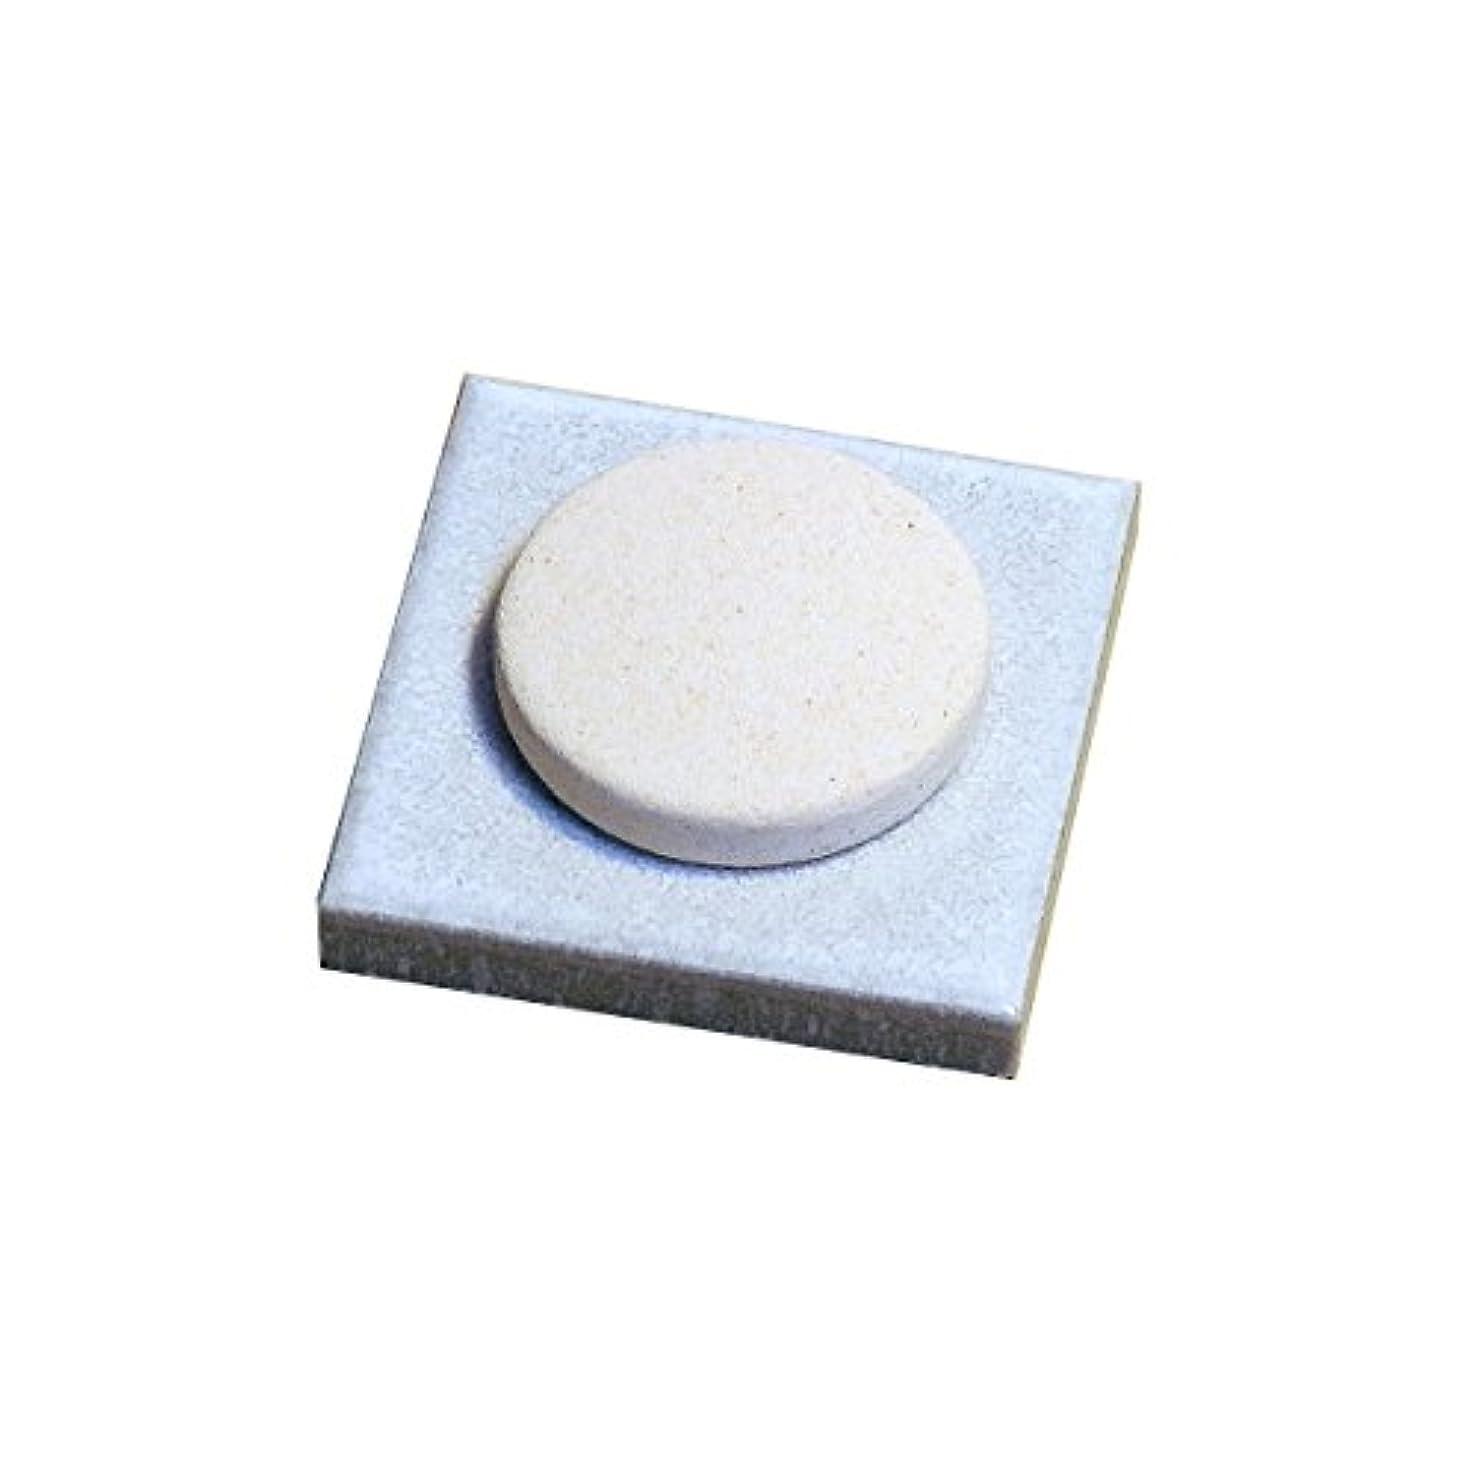 施しいたずらな乱す〔立風屋〕珪藻土アロマプレート美濃焼タイルセット ホワイト(白) RPAP-01003-WT